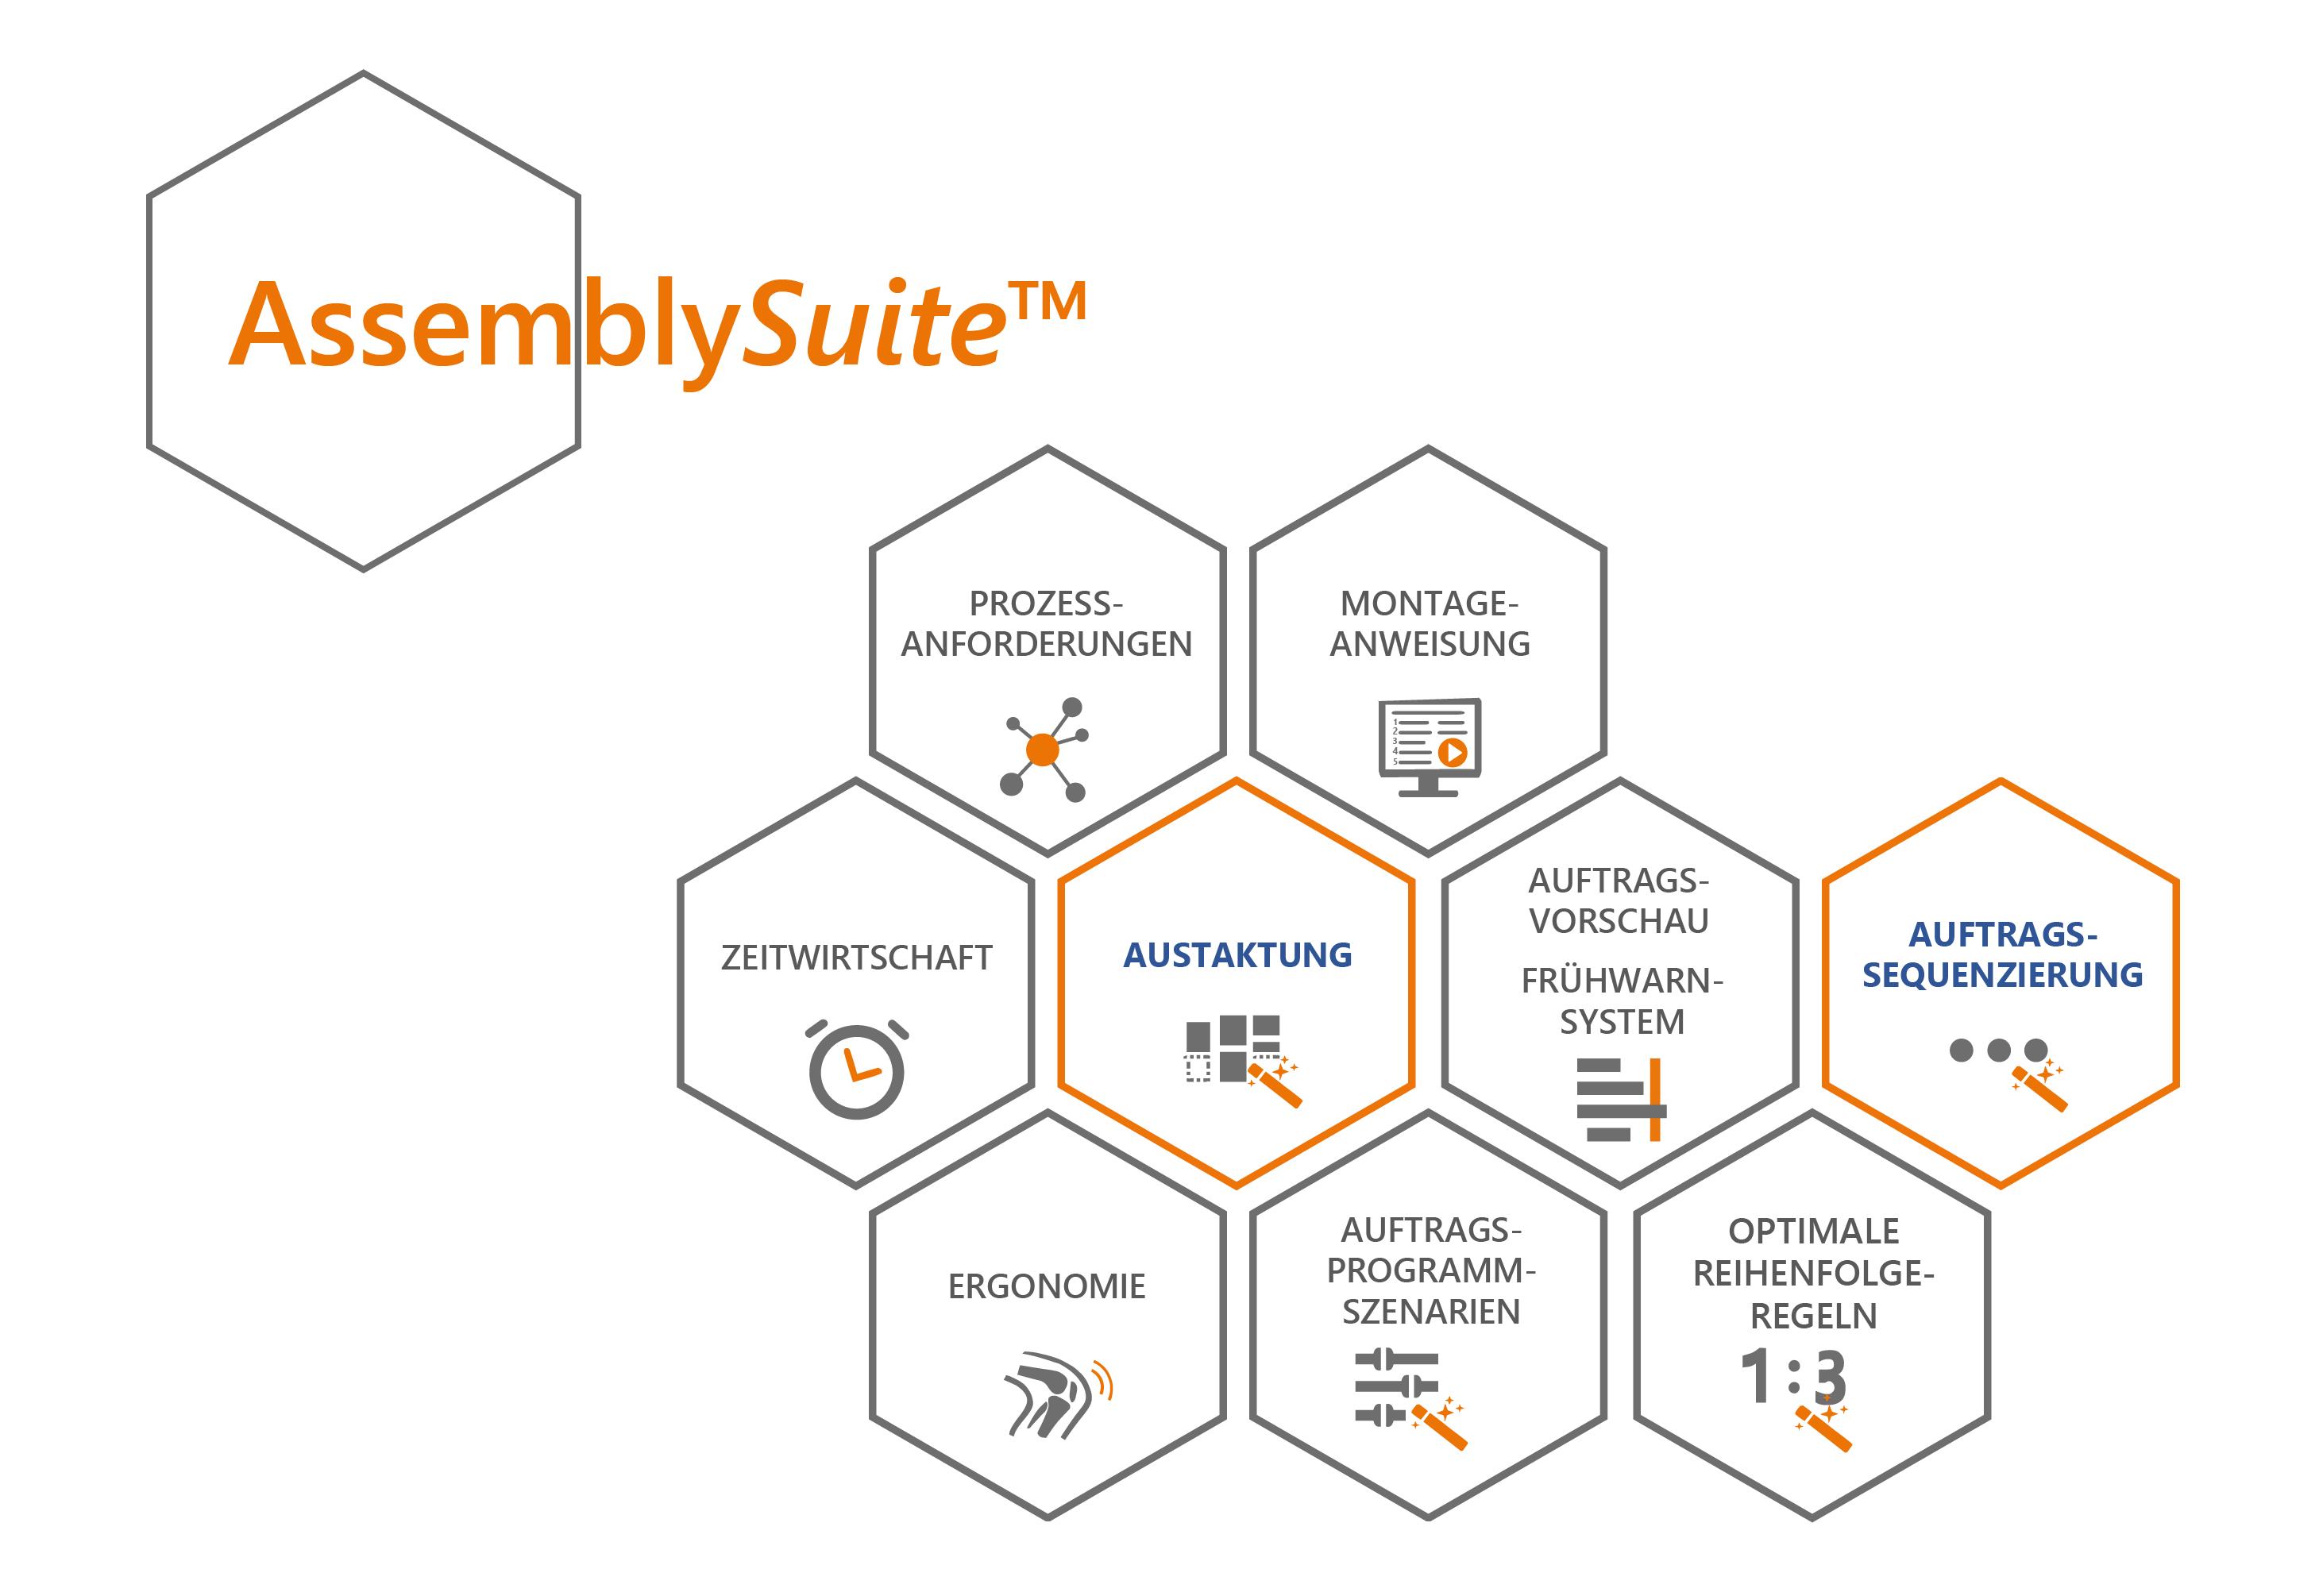 Zeichnung: Funktionsmodule der AssemblySuite